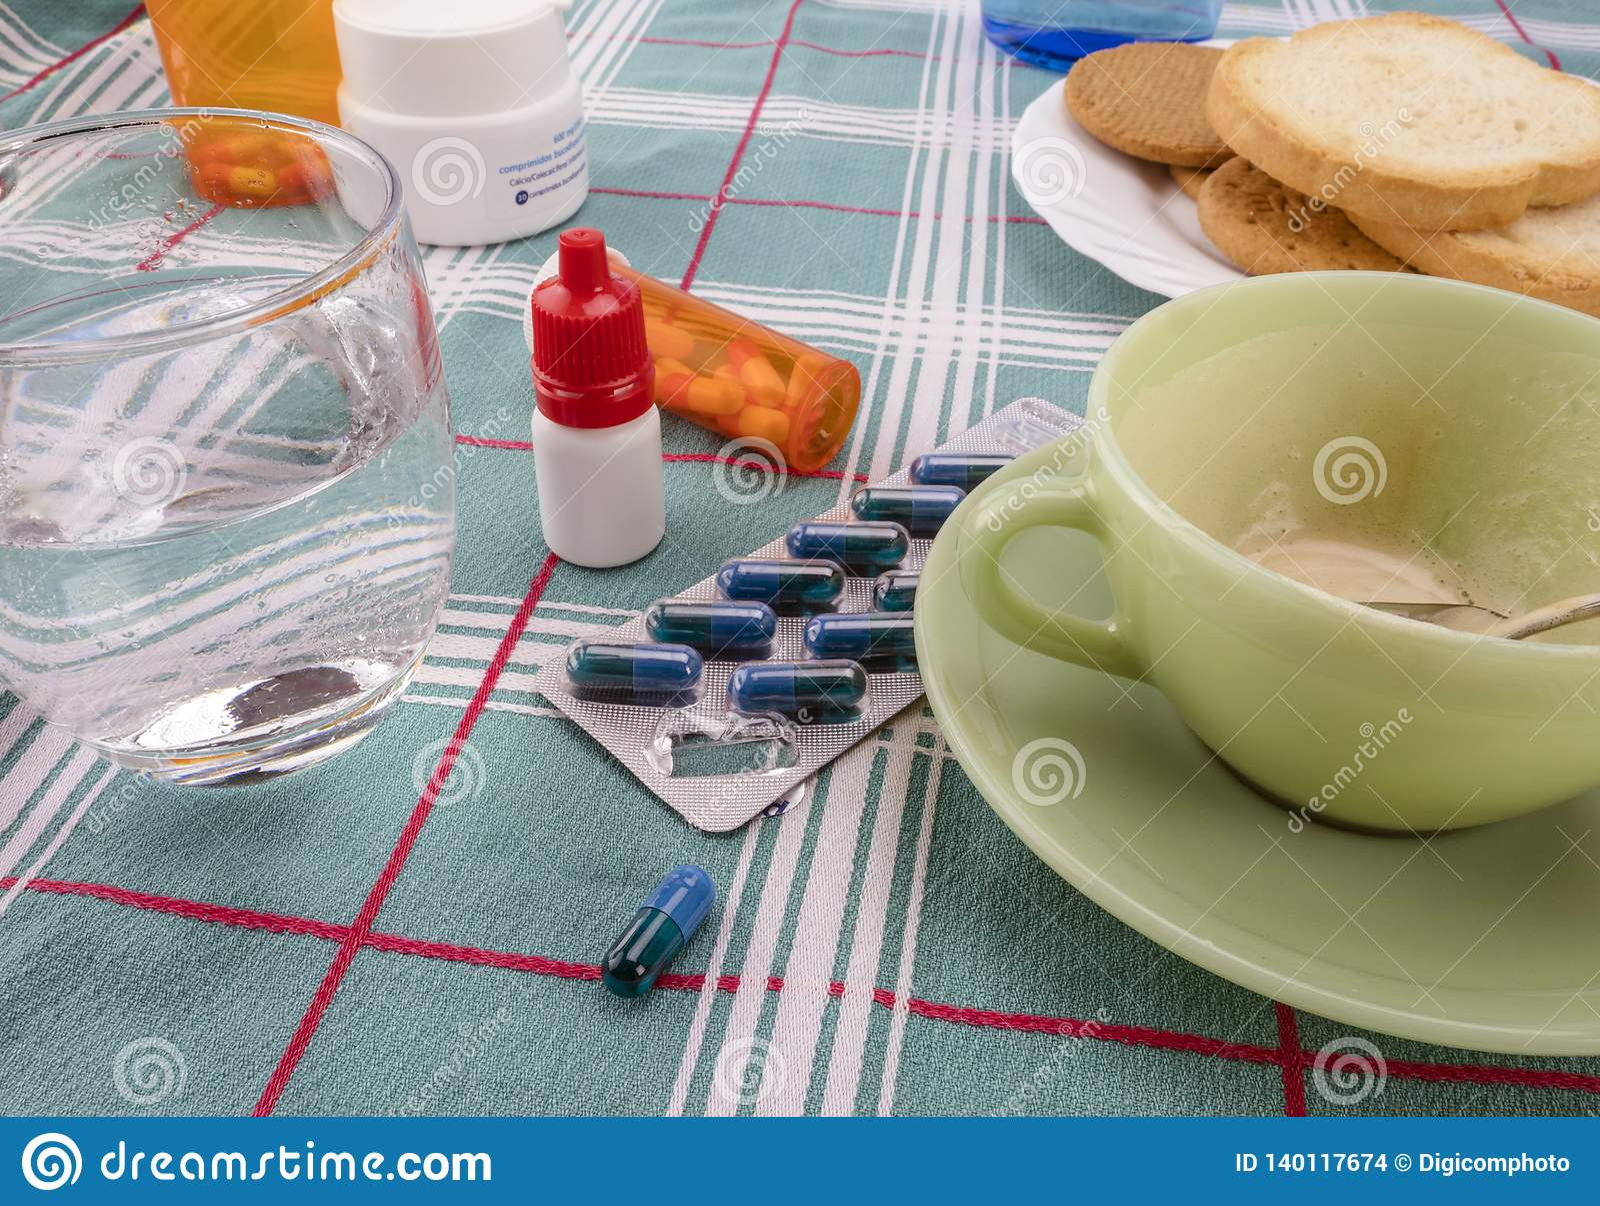 Medicijn tijdens ontbijt, capsules naast een glas water, conceptueel beeld